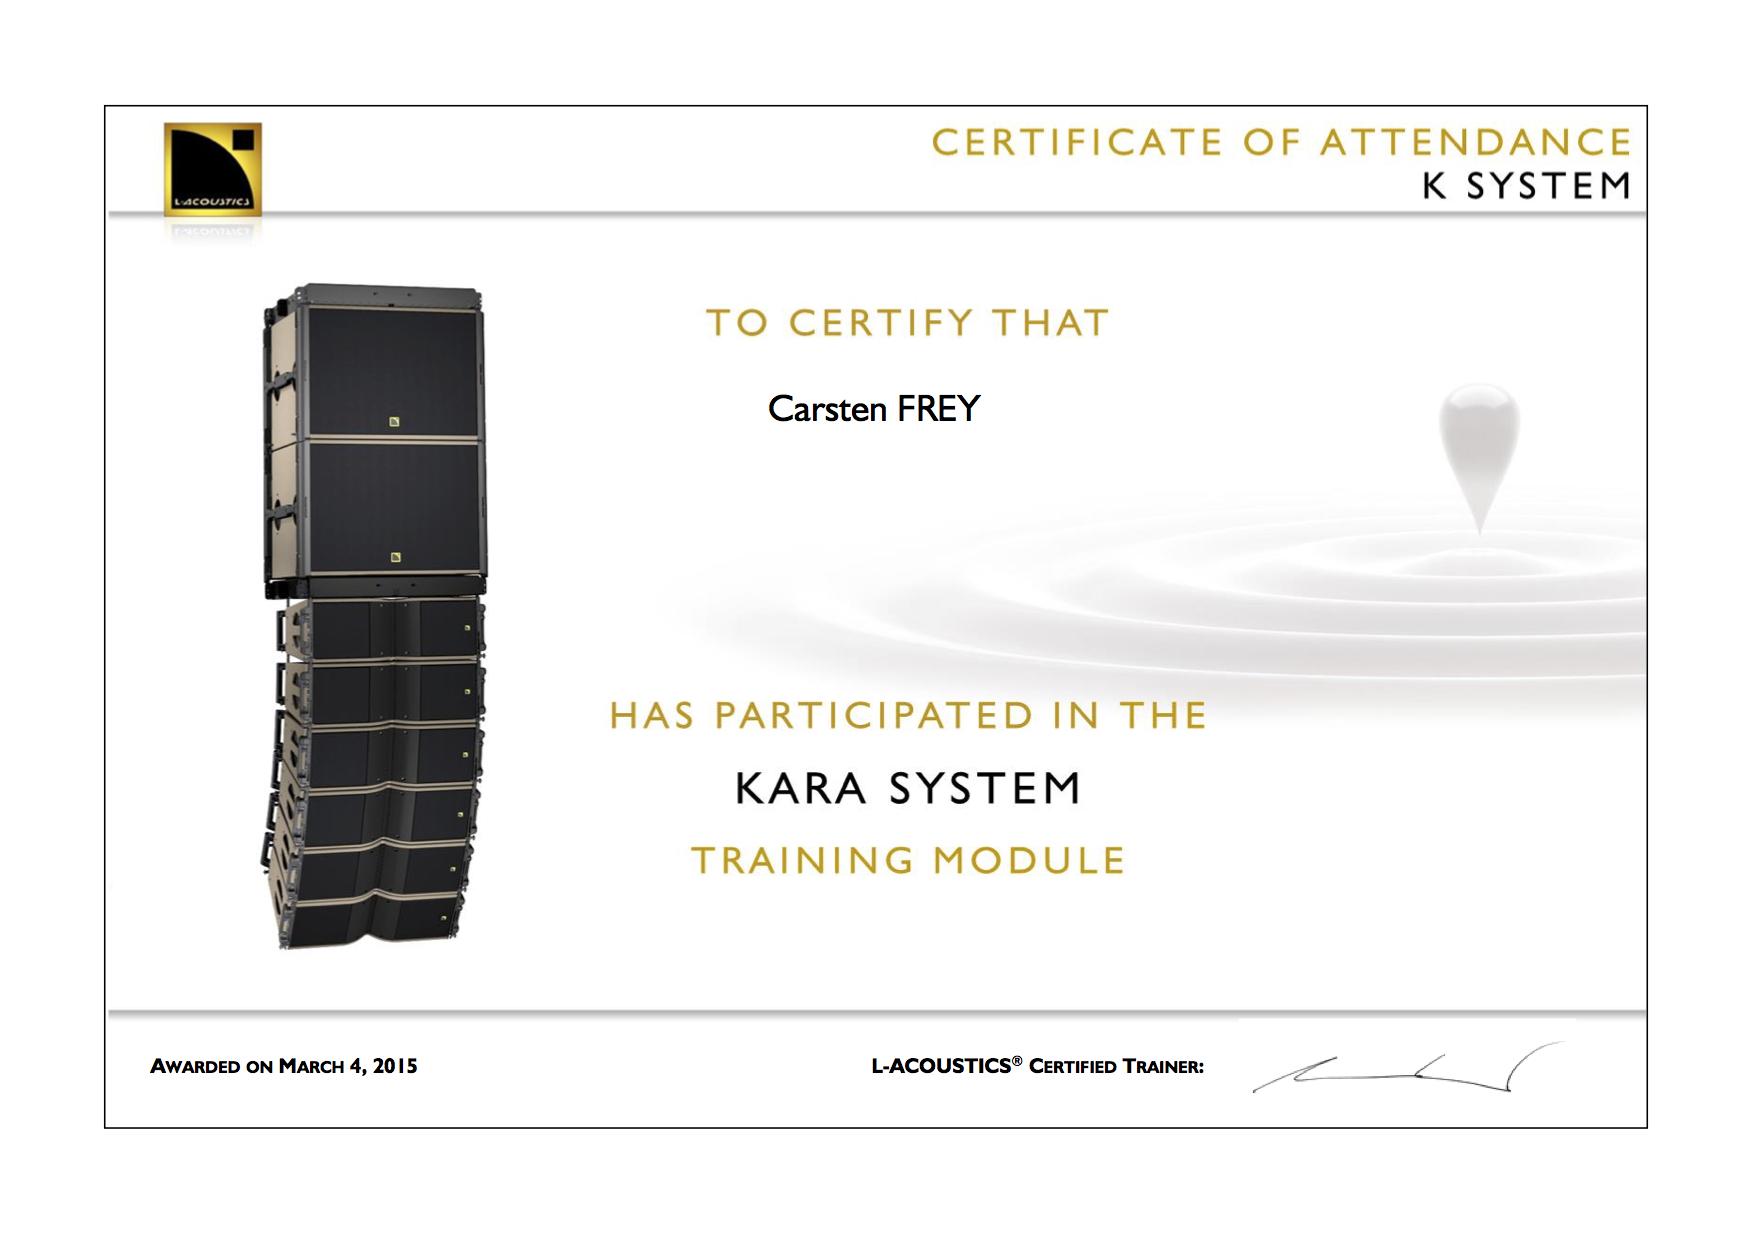 Carsten FREY KARA Training Certificate